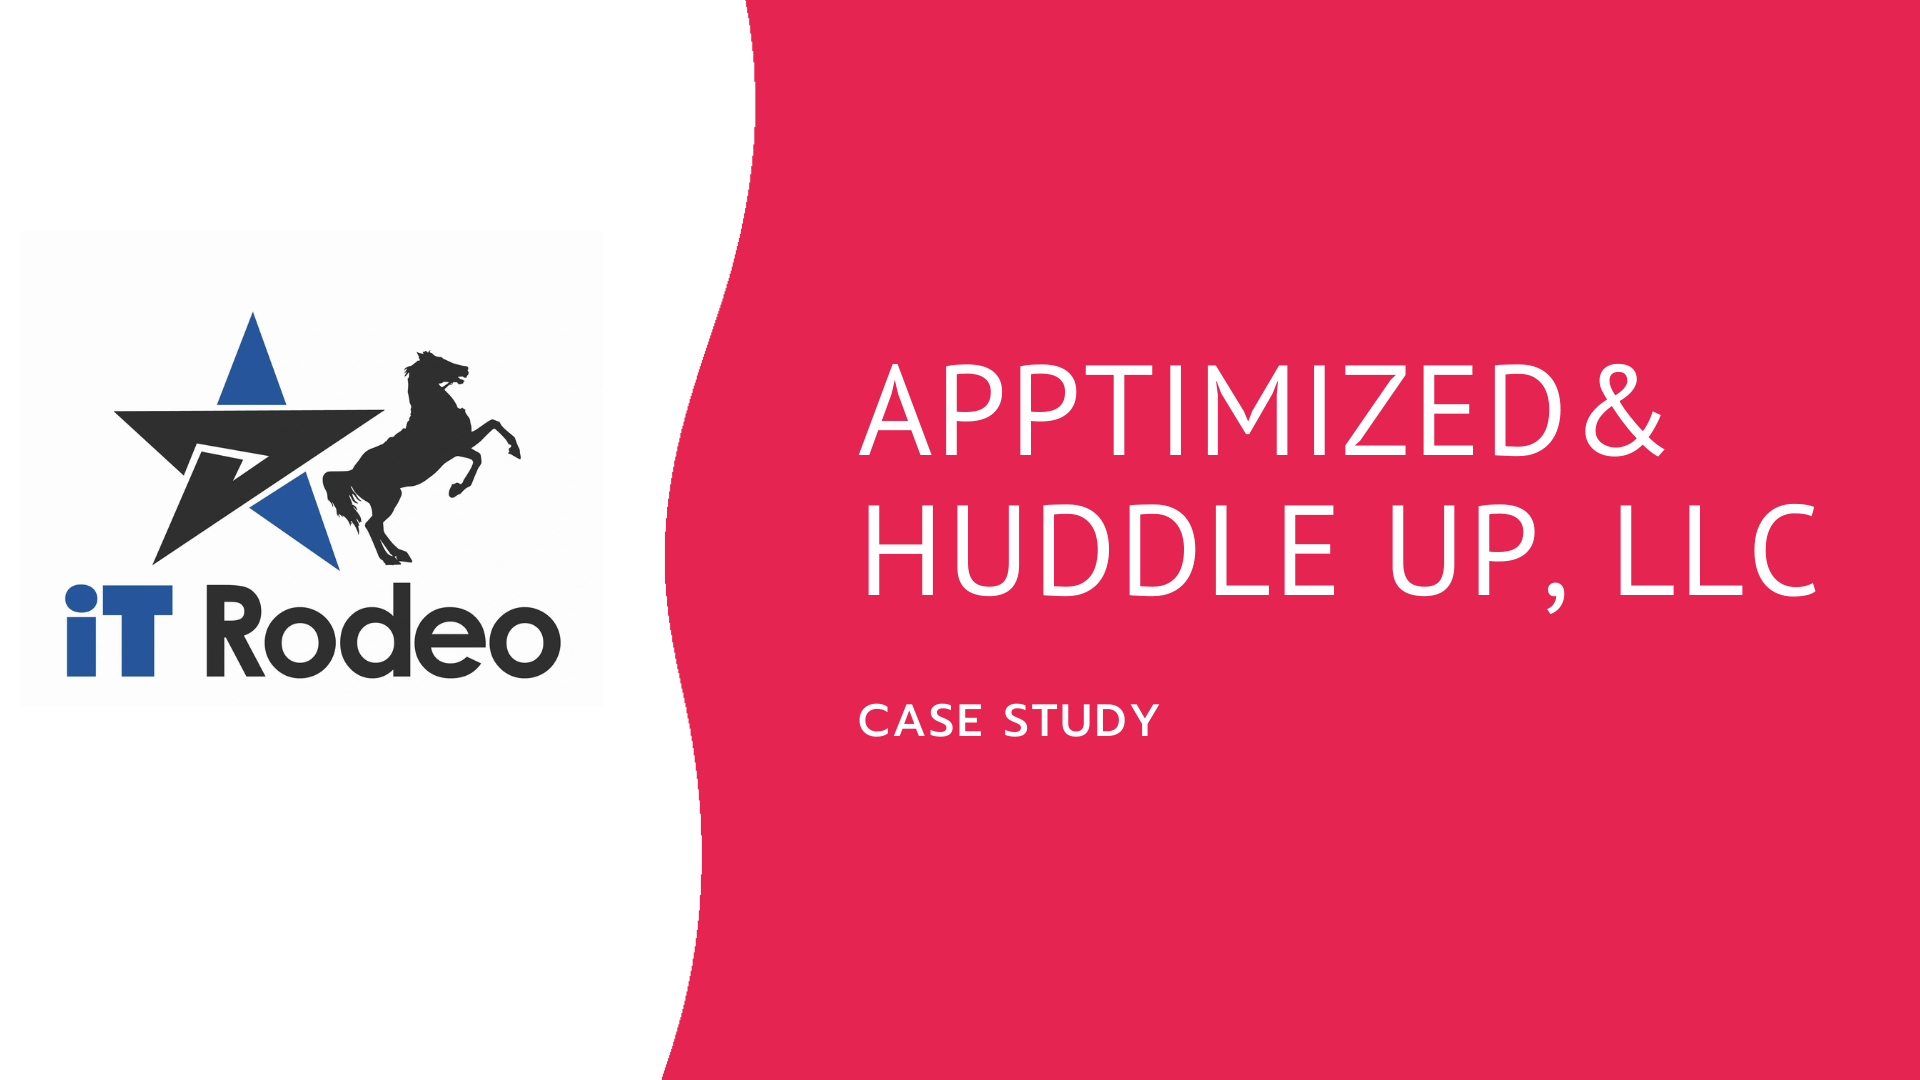 apptimized & huddle up big logo